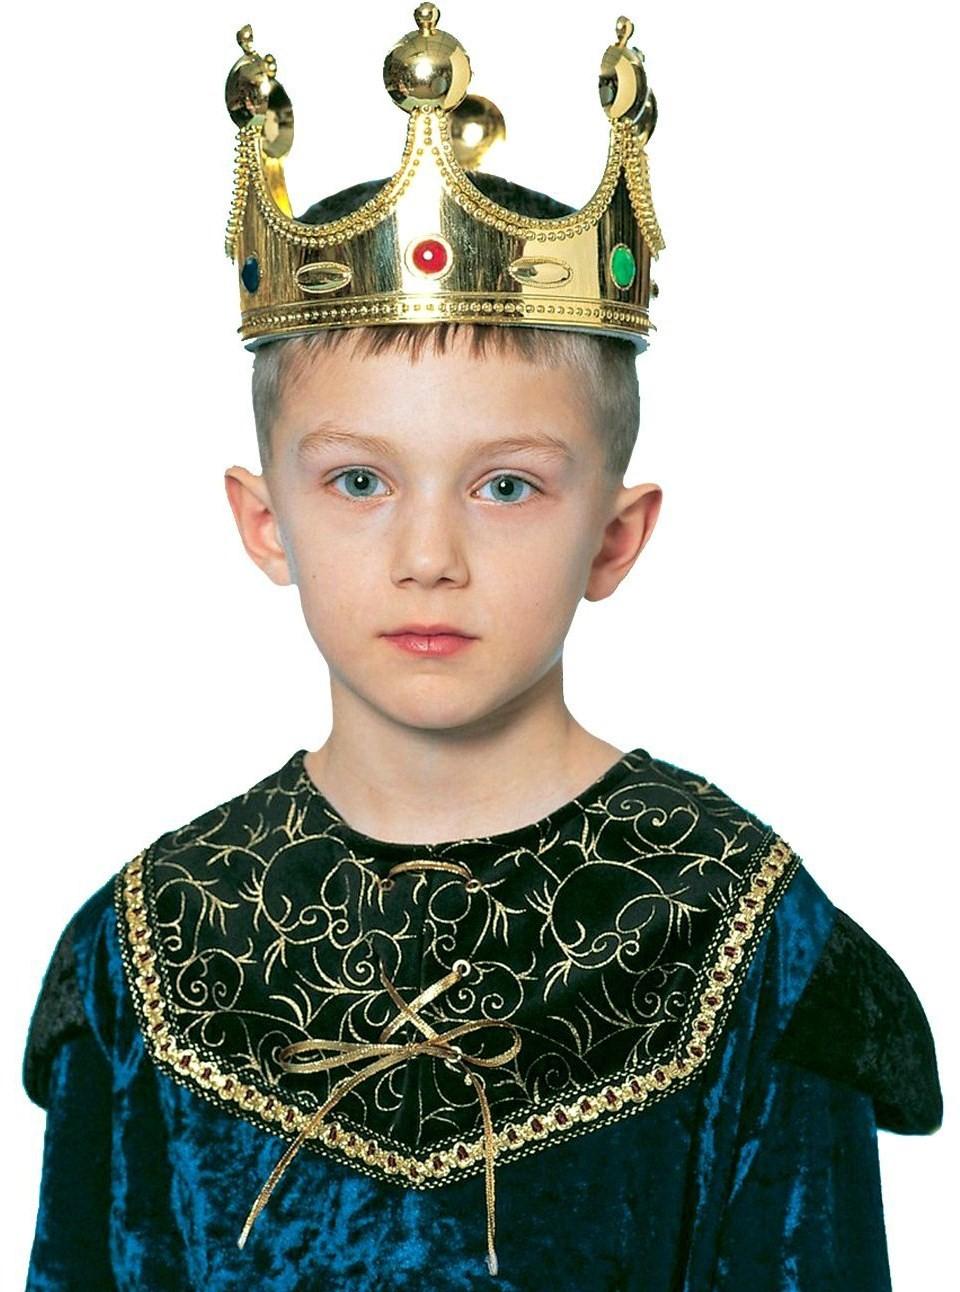 كان هناك ملك من الملوك لديه ابنه واحده فقط... %D8%B8%D9%B9%D8%B7%C2%B3%D8%B8%CB%86%D8%B7%C2%B9+%D8%B8%E2%80%A6%D8%B8%E2%80%9E%D8%B8%C6%92+%D8%B7%C2%A7%D8%B8%E2%80%9E%D8%B8%E2%80%A6%D8%B8%E2%80%9E%D8%B8%CB%86%D8%B8%C6%92+%D8%B7%C2%B1%D8%B7%C2%A8+%D8%B7%C2%A7%D8%B8%E2%80%9E%D8%B7%C2%A7%D8%B7%C2%B1%D8%B7%C2%A8%D8%B7%C2%A7%D8%B7%C2%A8+%D8%B7%C2%A7%D8%B7%C2%A8%D8%B8%E2%80%A0+%D8%B8%E2%80%9E%D8%B8%E2%80%9E%D8%B8%E2%80%A1+%D8%B7%C2%A7%D8%B8%E2%80%9E%D8%B8%E2%80%9E%D8%B8%E2%80%A1+%D8%B7%C2%B9%D8%B7%C2%B7%D8%B8%D9%B9%D8%B7%C2%A9+%D8%B8%E2%80%A6%D8%B7%C2%AC%D8%B7%C2%A7%D8%B8%E2%80%A0%D8%B8%D9%B9%D8%B7%C2%A9